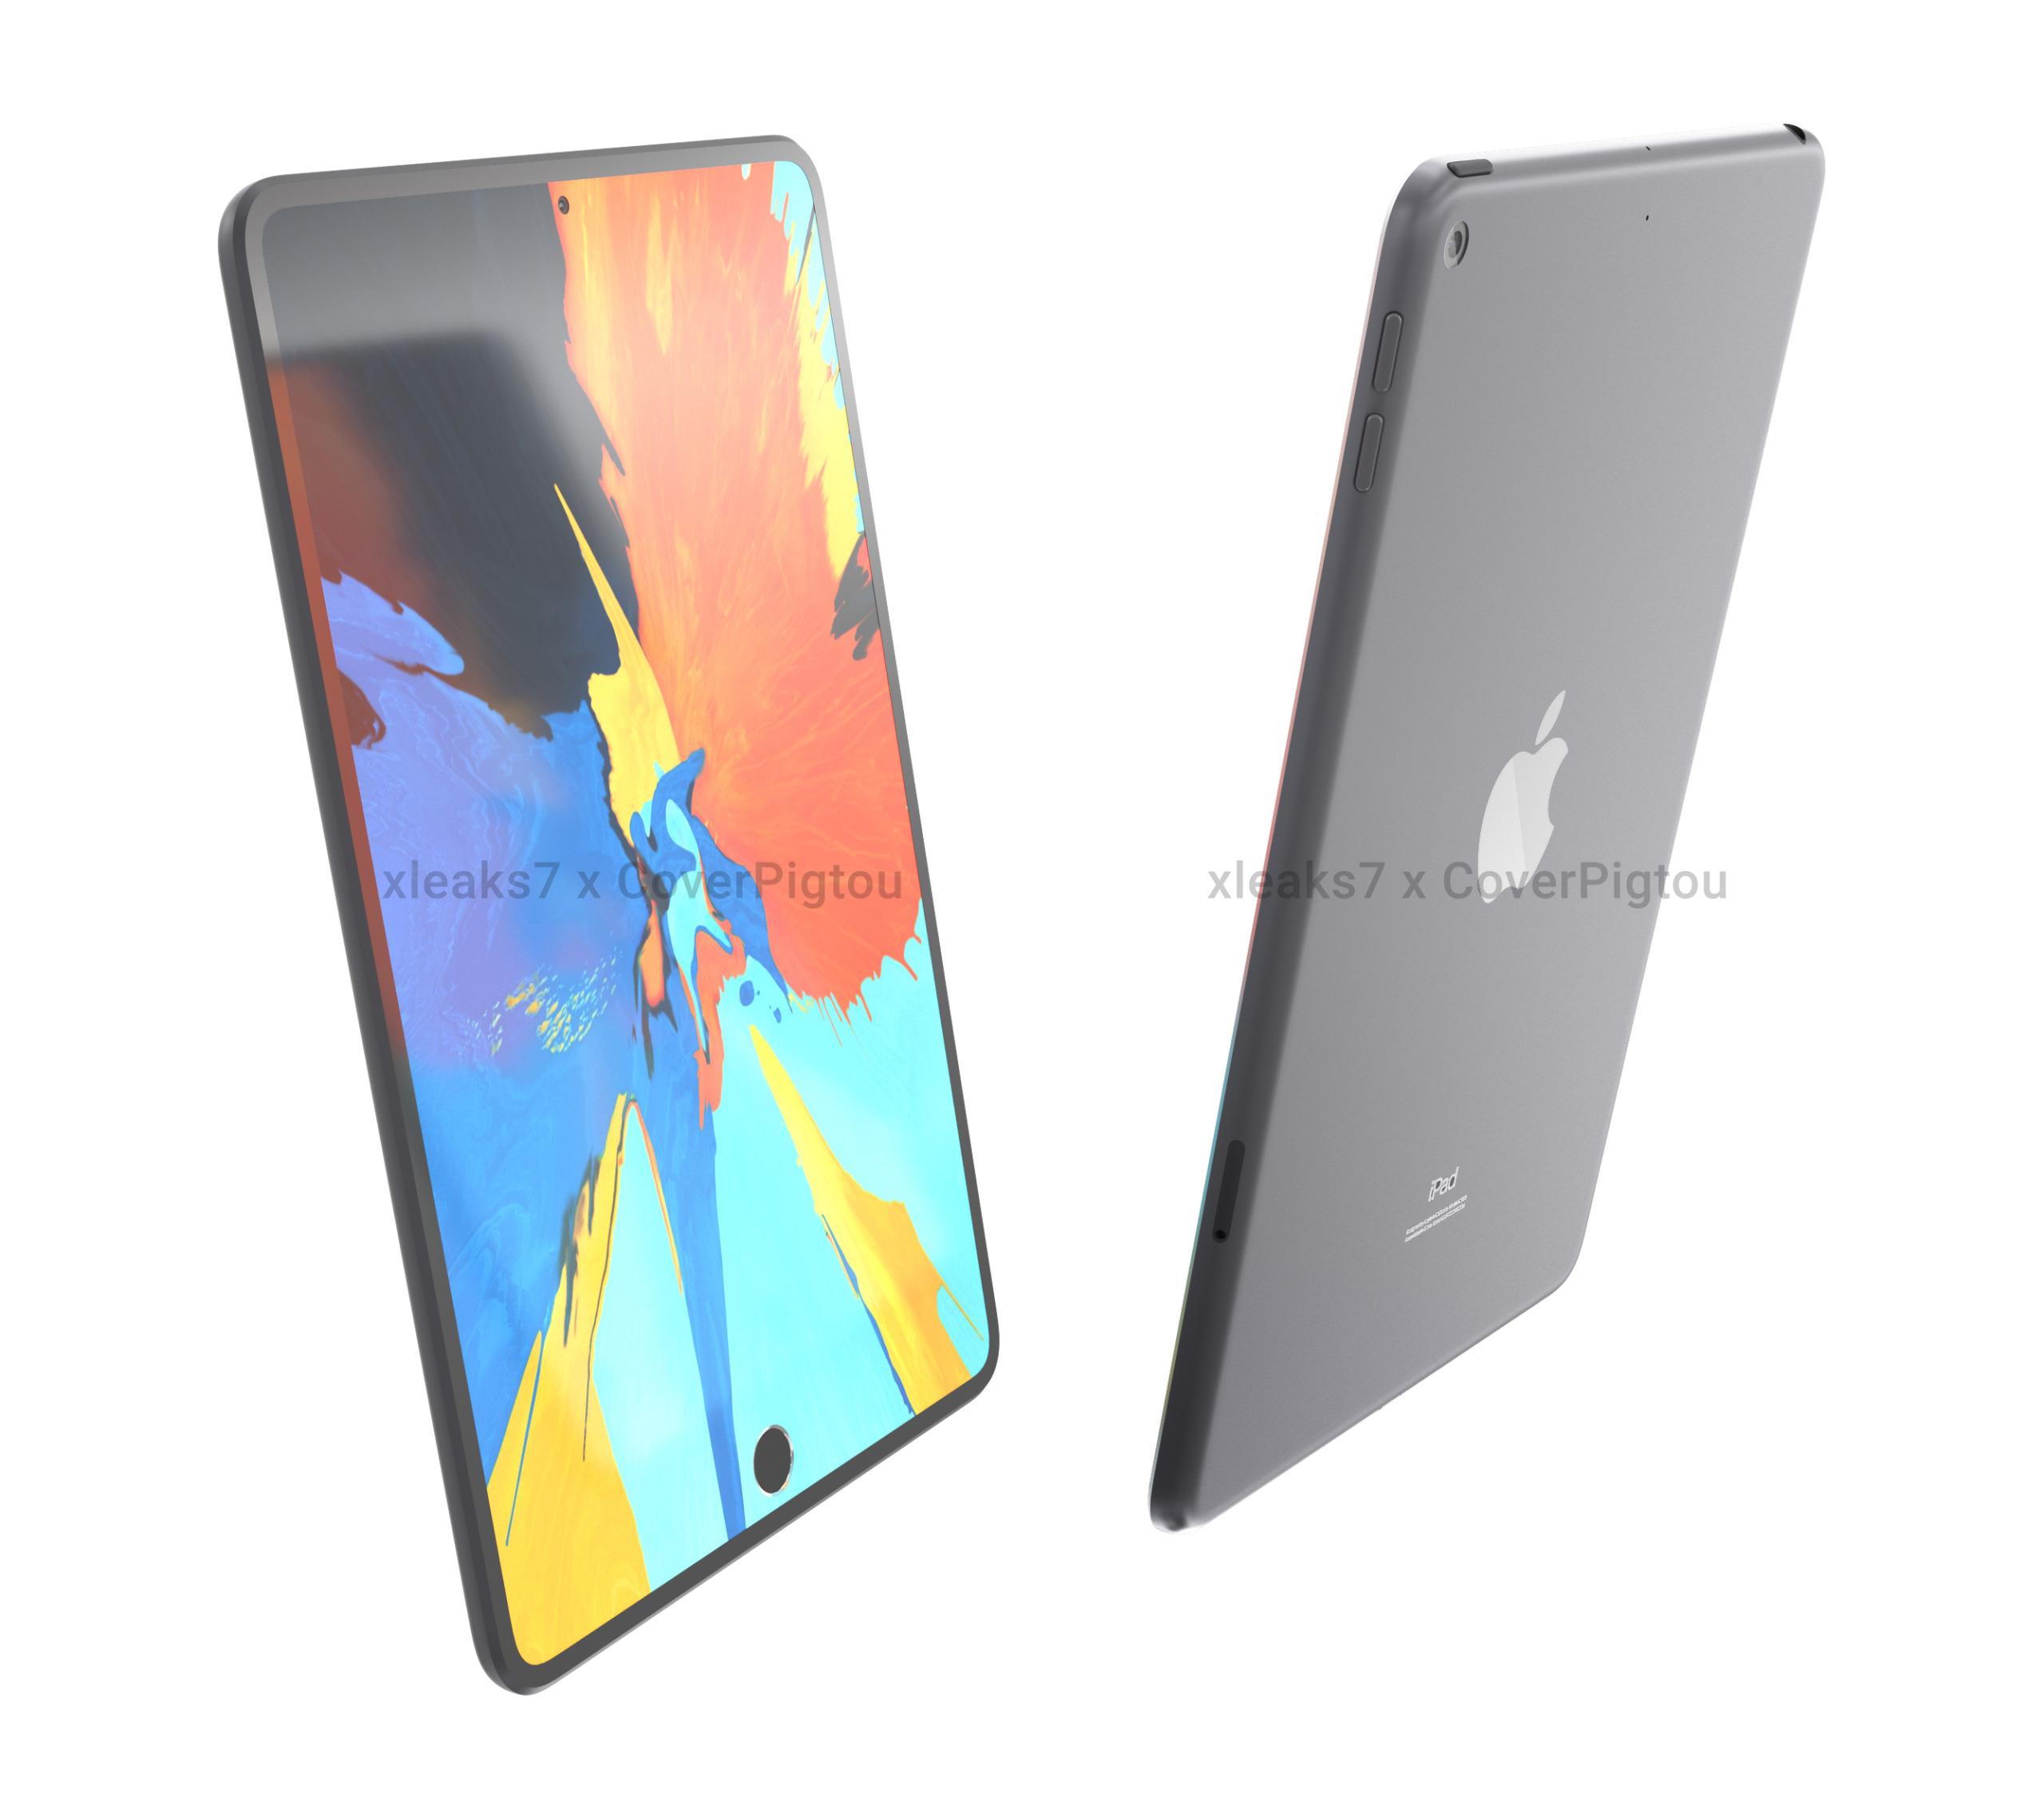 Radikal anders Sieht so das neue iPad Mini aus – Daskannwas.ch